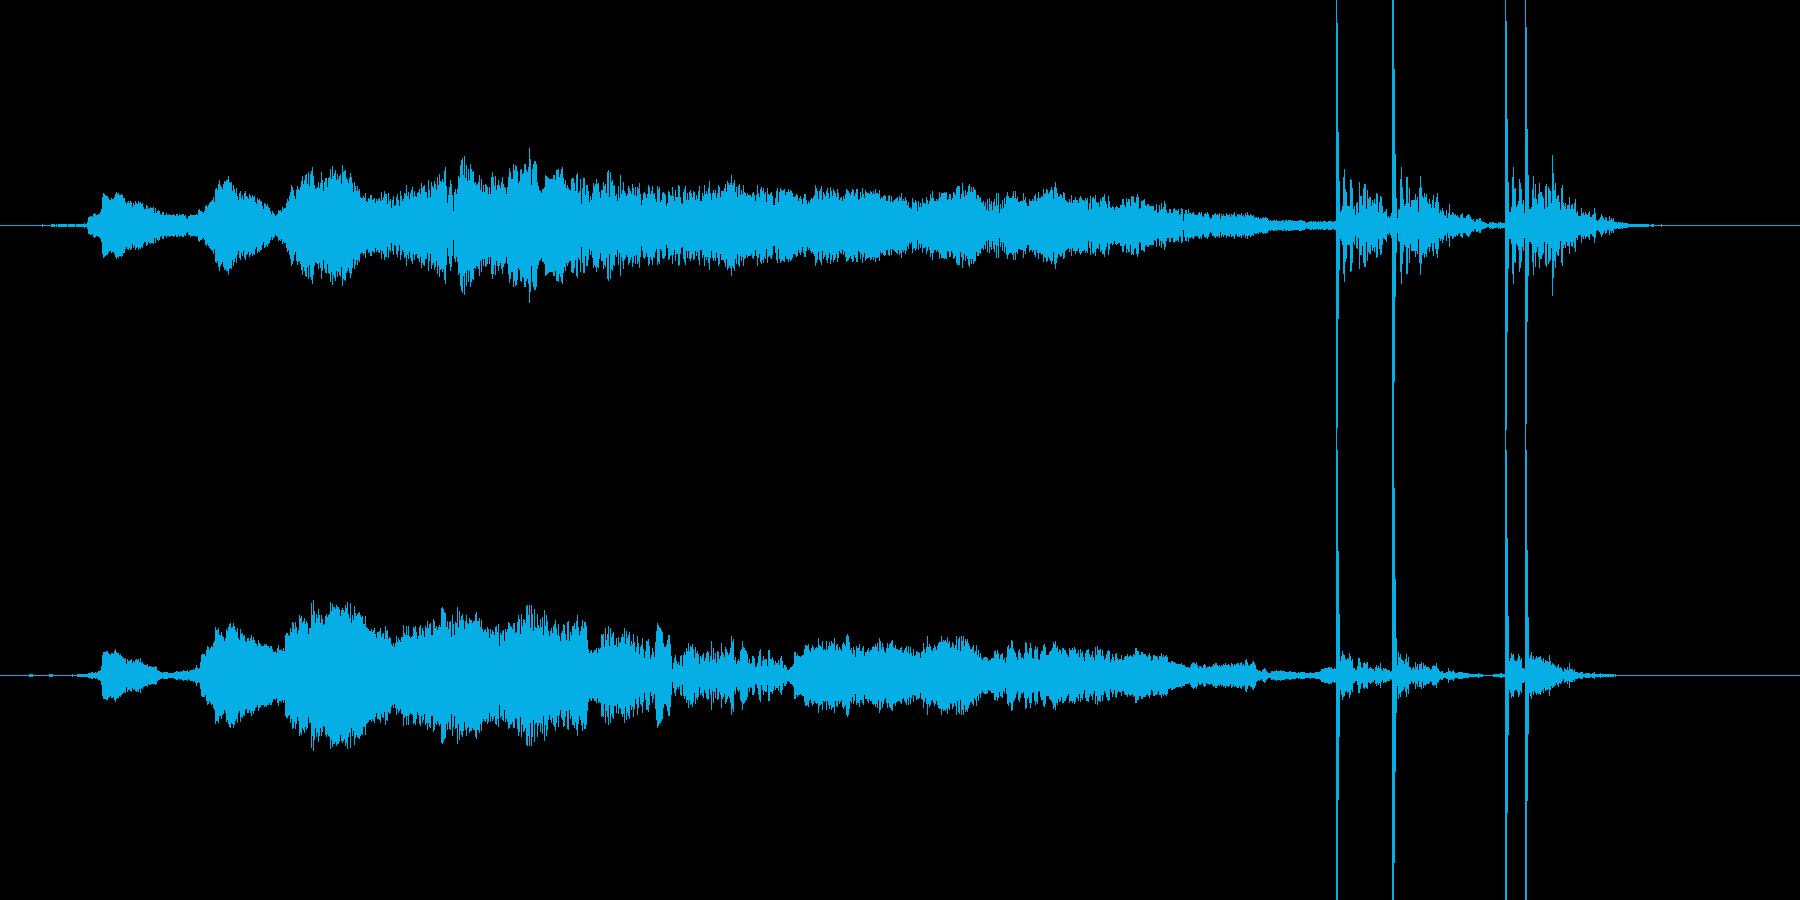 花火 ドンドン ドドン ヒューの再生済みの波形